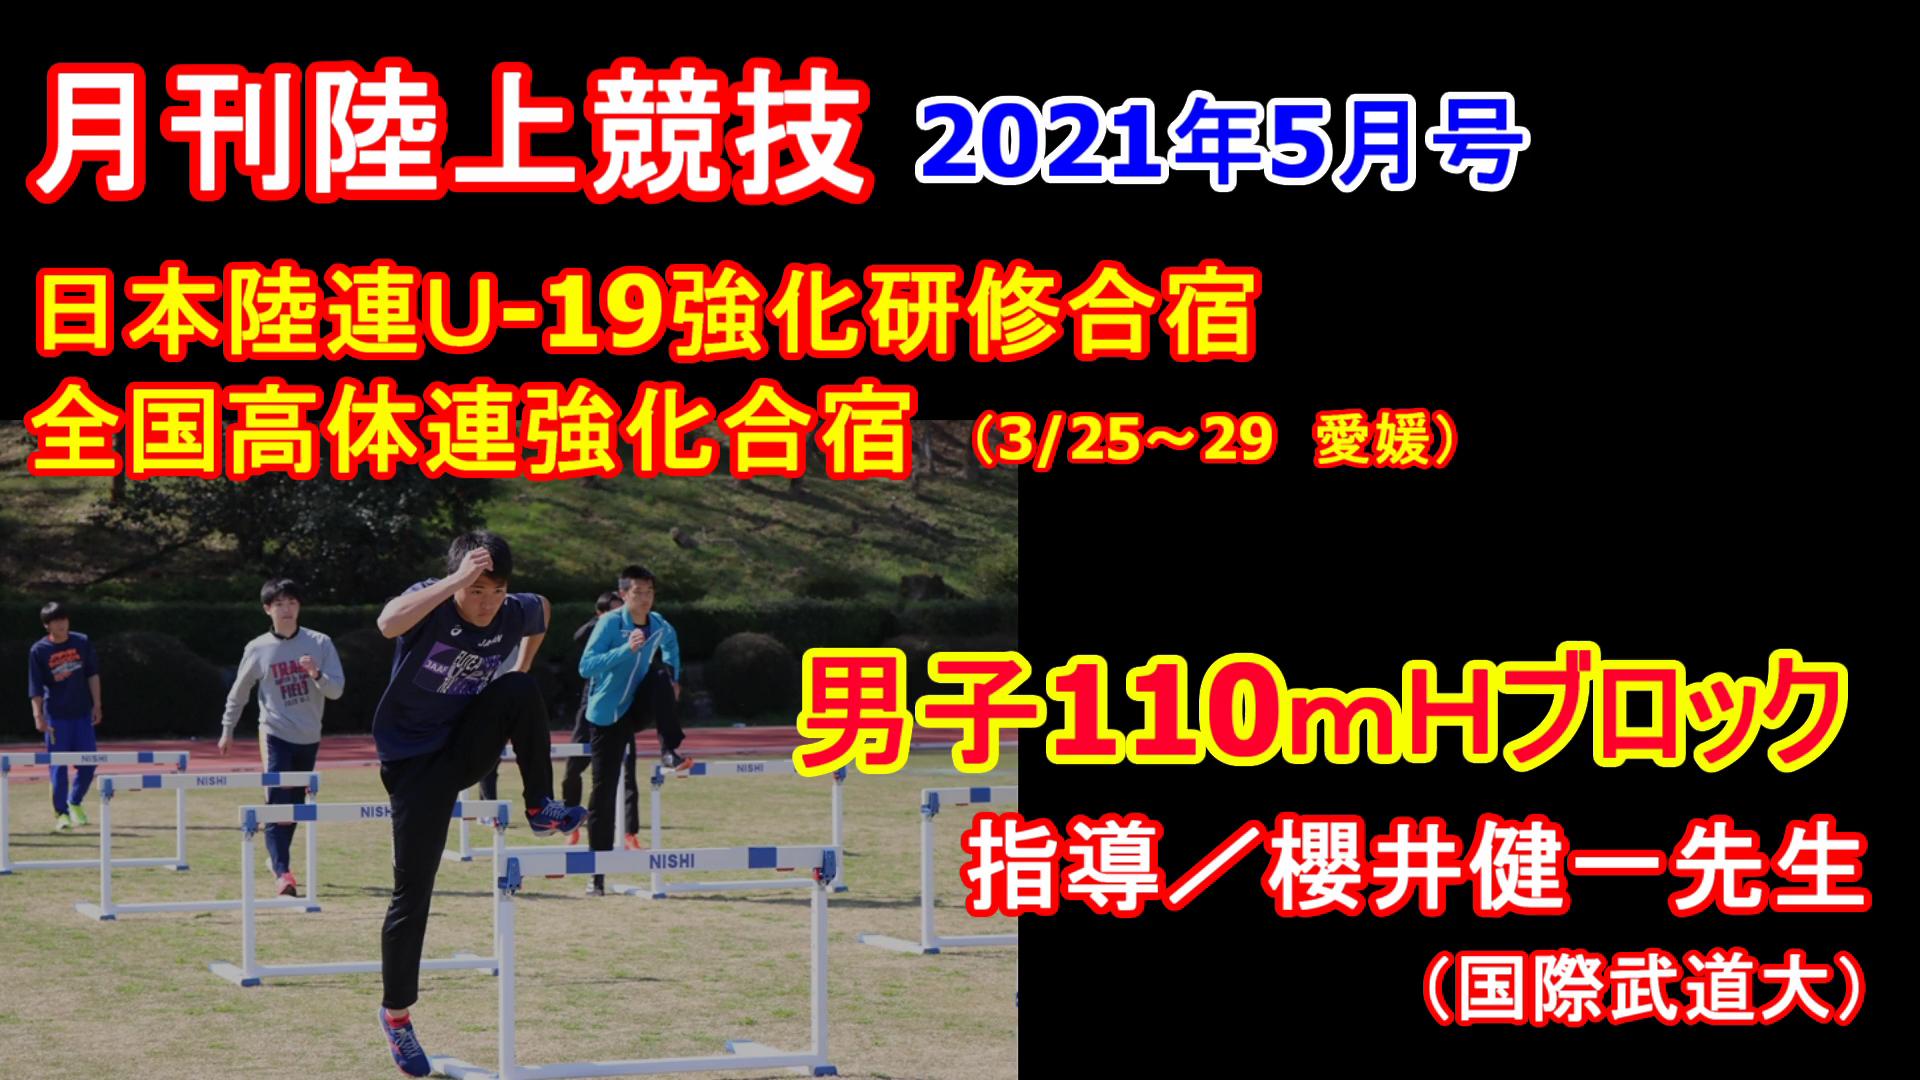 【トレーニング】全国高体連合宿男子110mHブロック 1台目までのアプローチ(2021年5月号掲載)